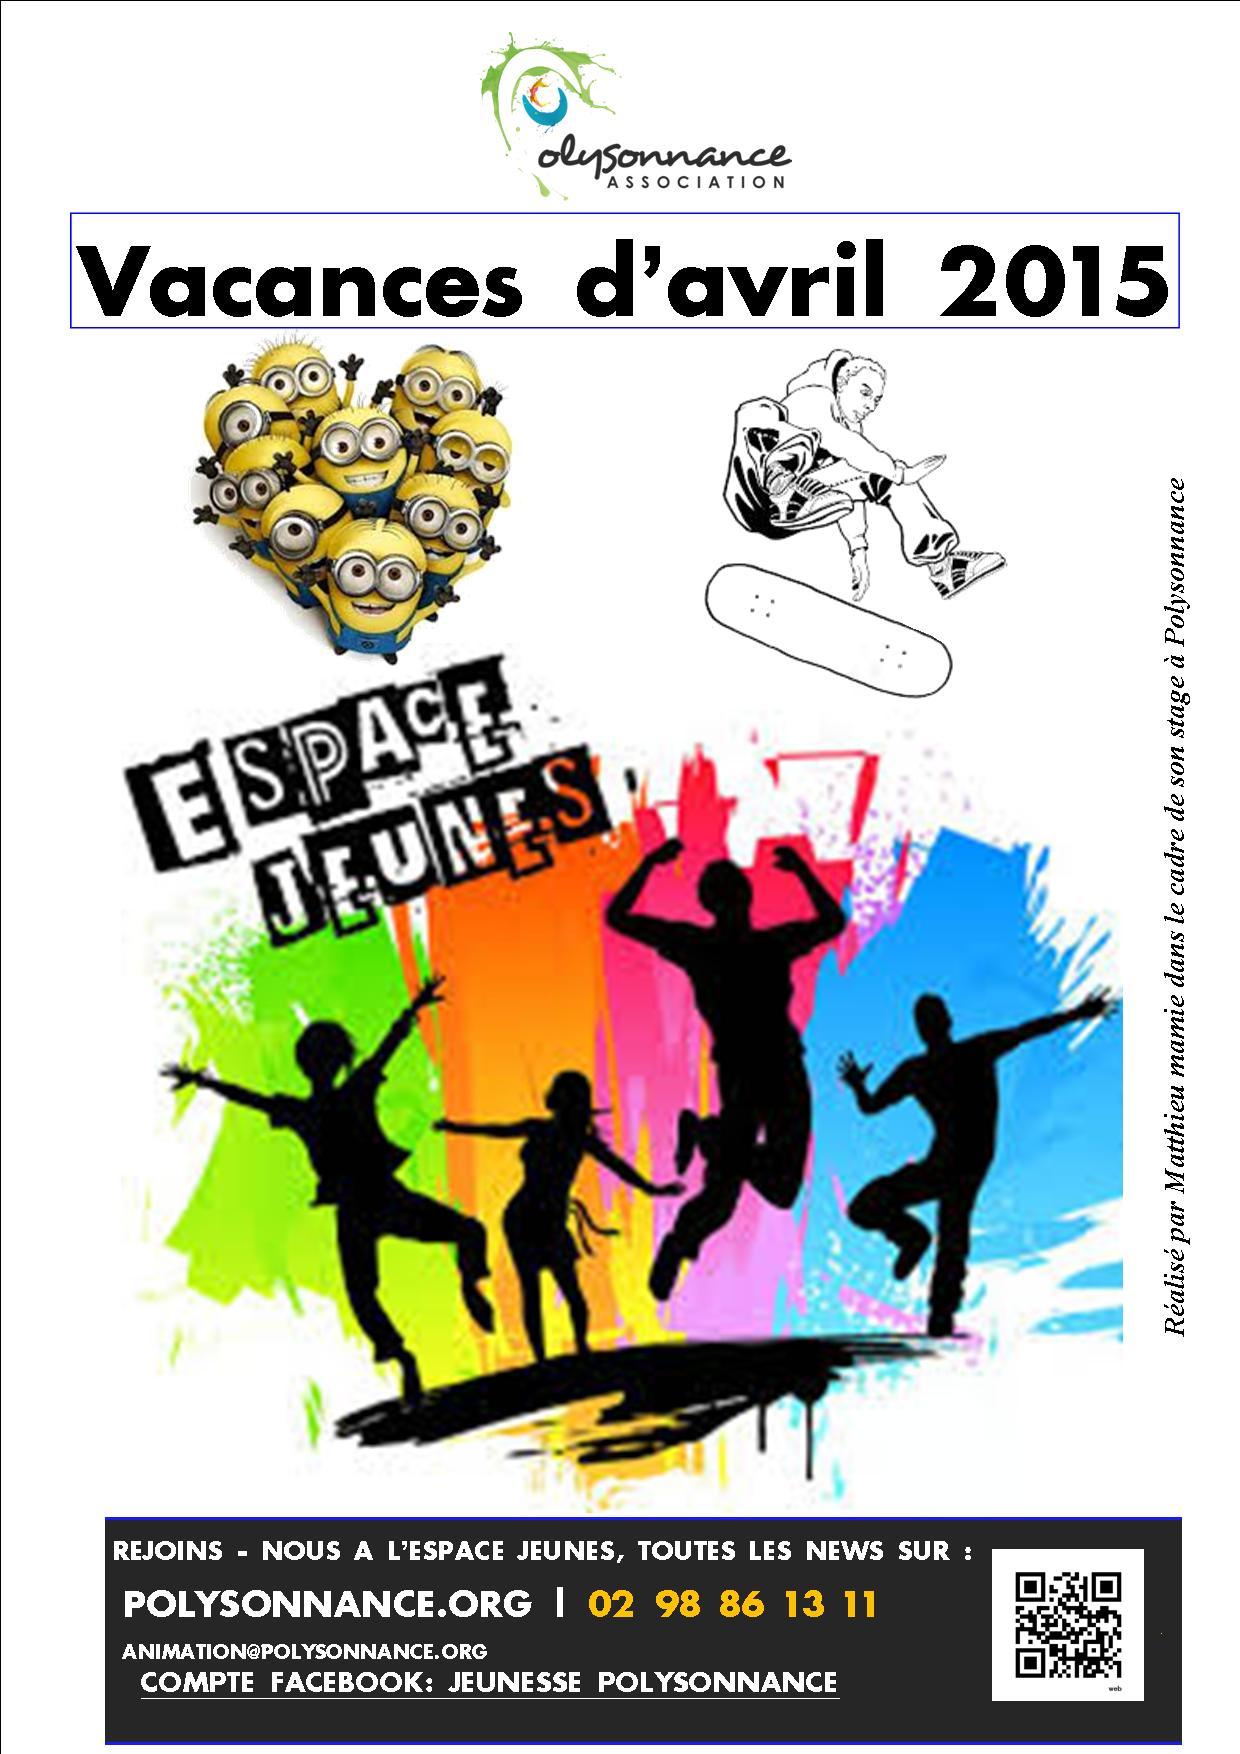 Les animations jeunesse des vacances d'avril 2015 !